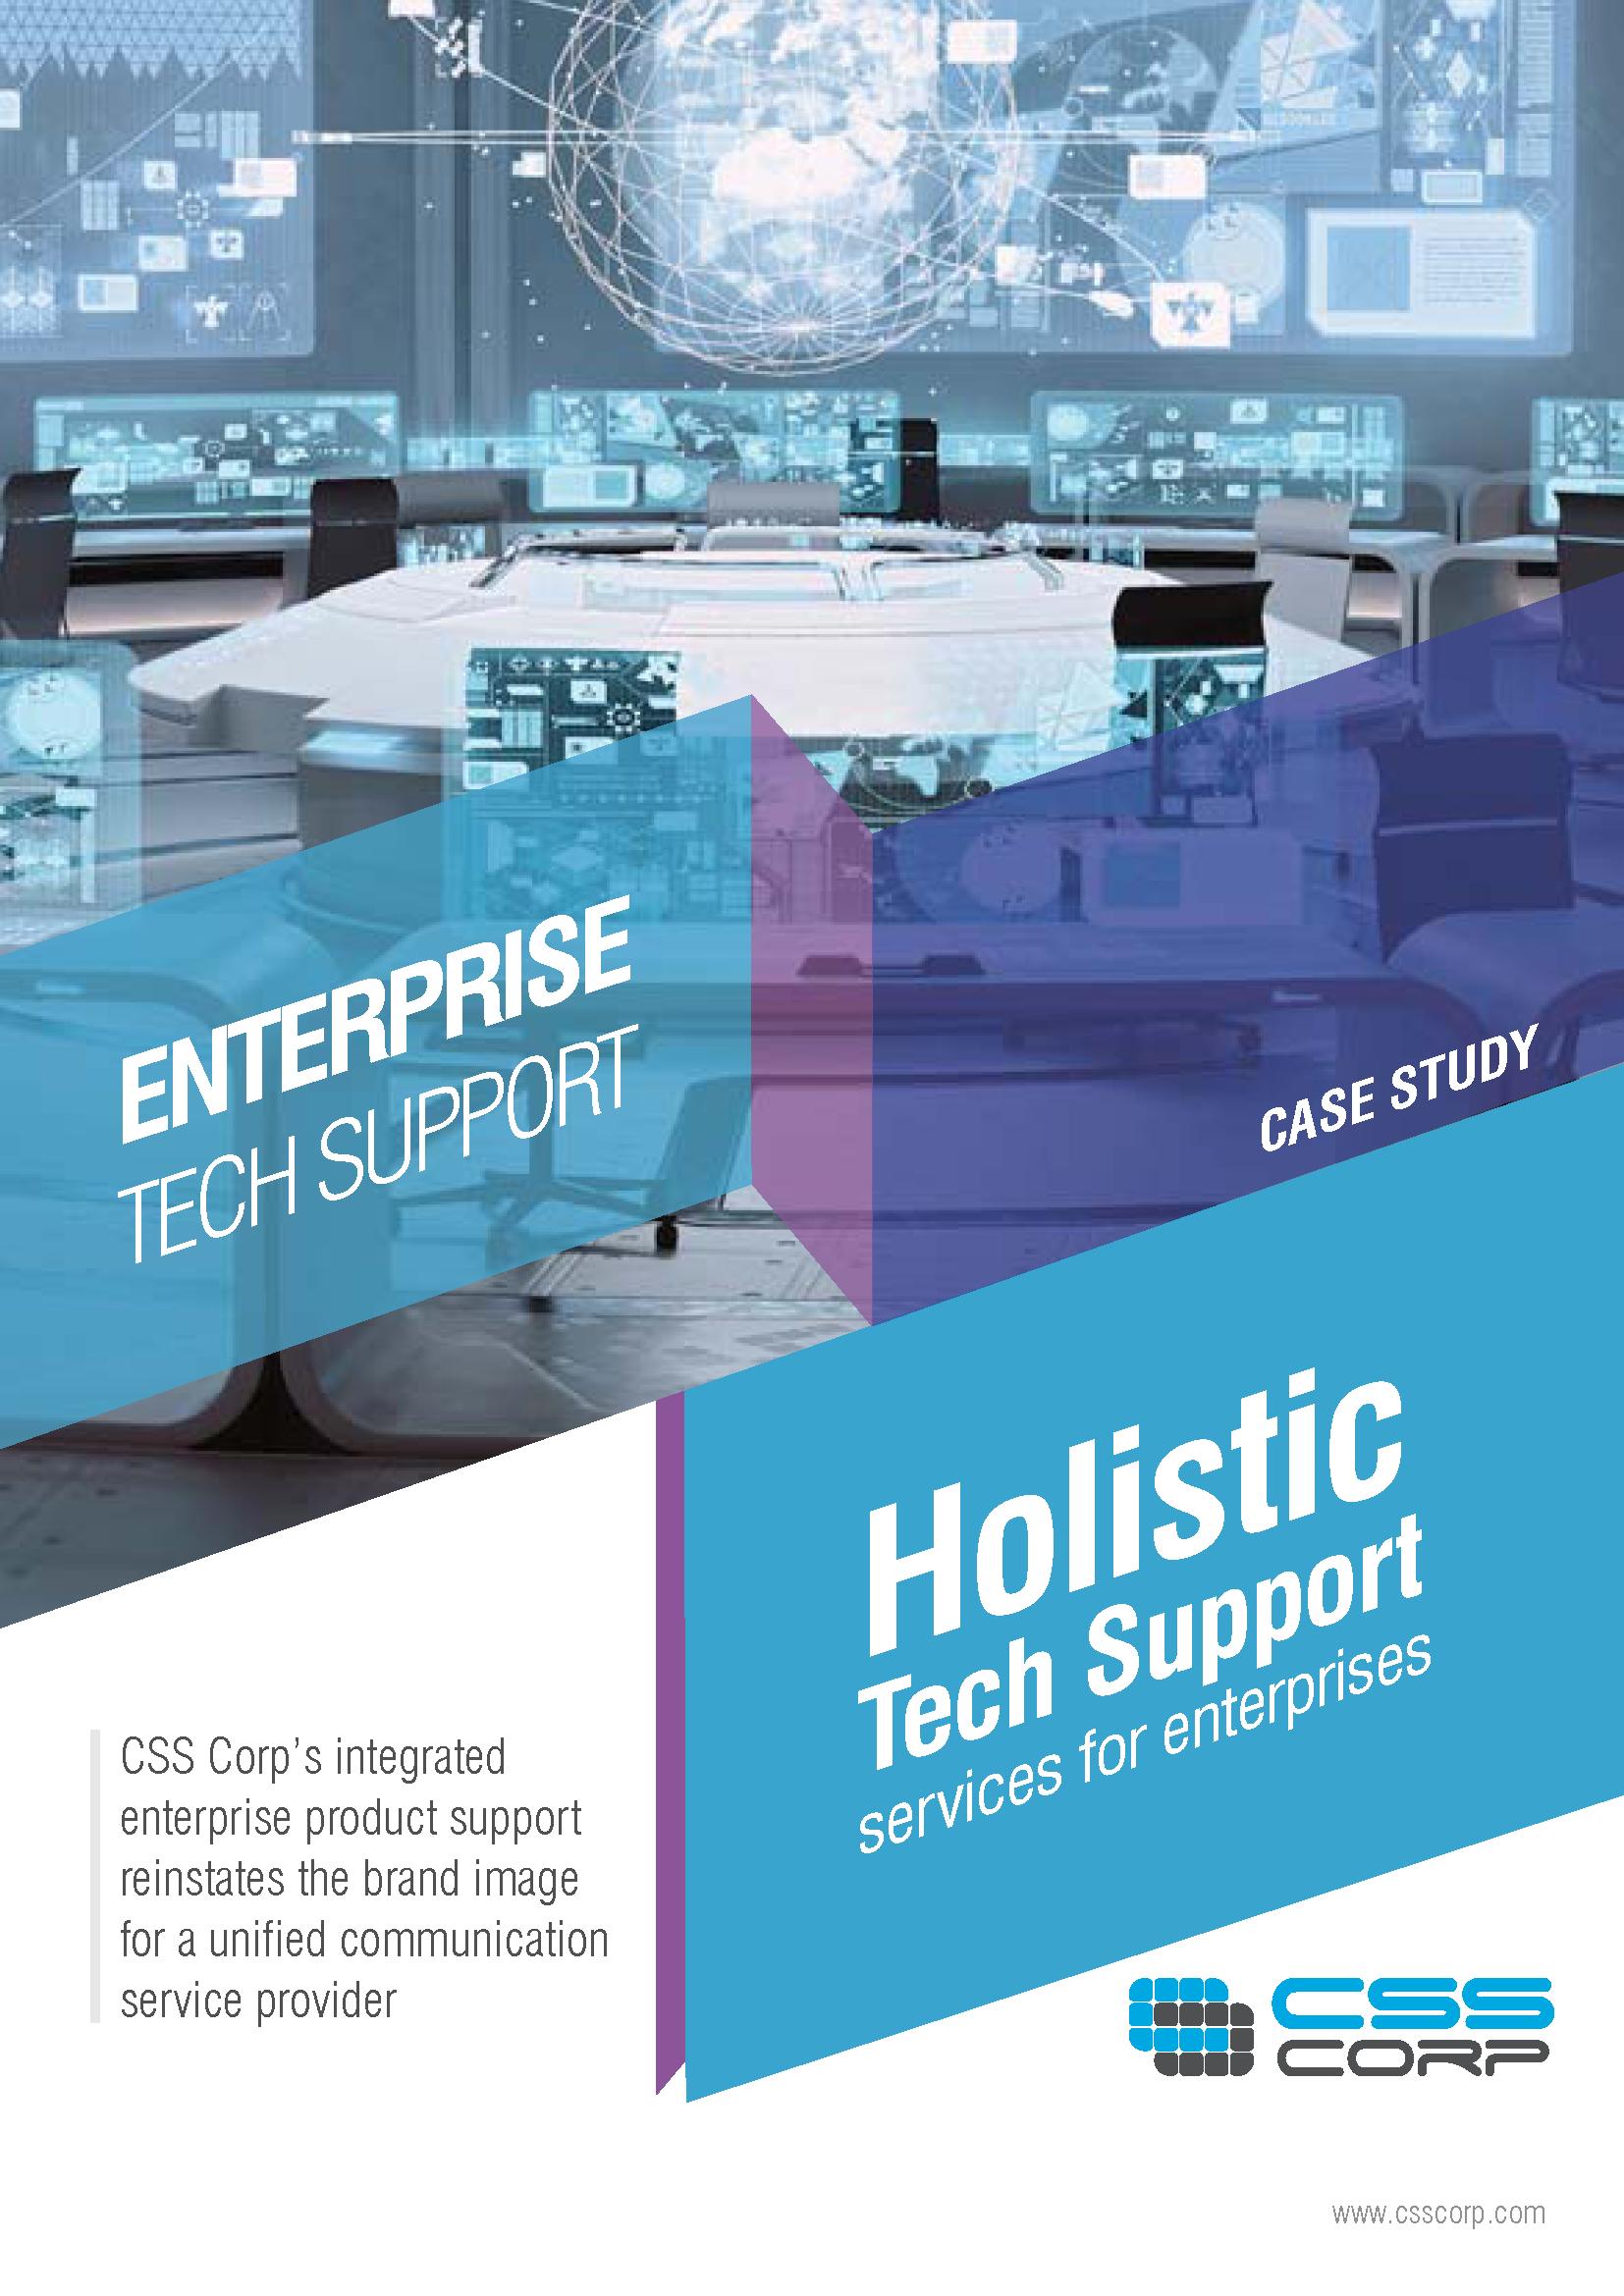 Holistic tech support services for enterprise